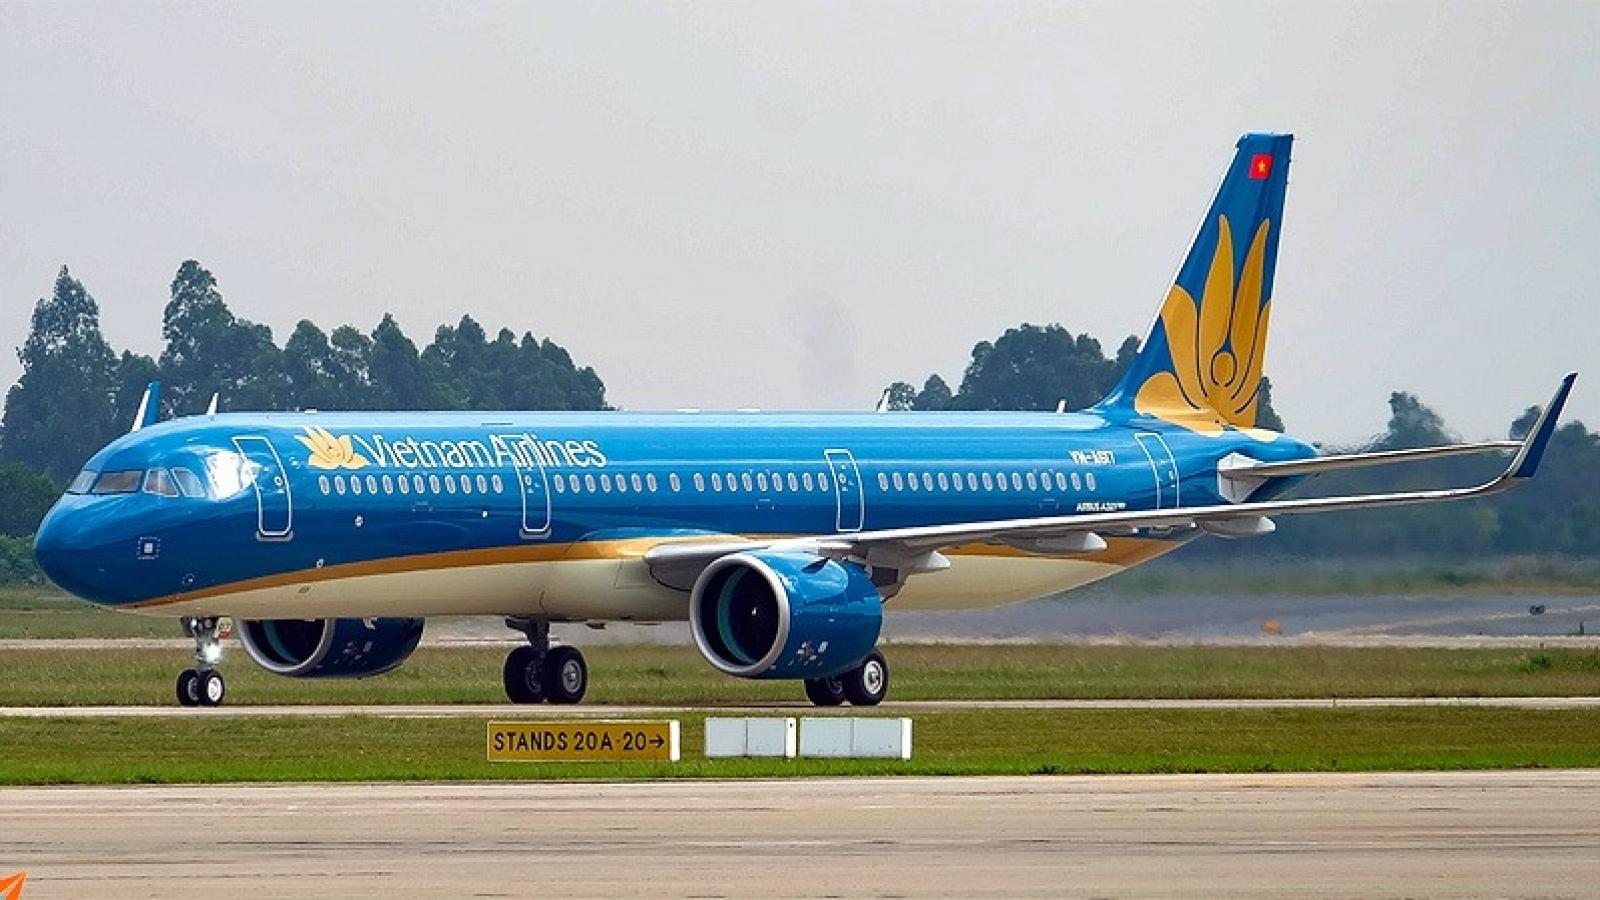 Chuyến bay đưa 277 hành khách và hàng y tế từ Hoa Kỳ về nước